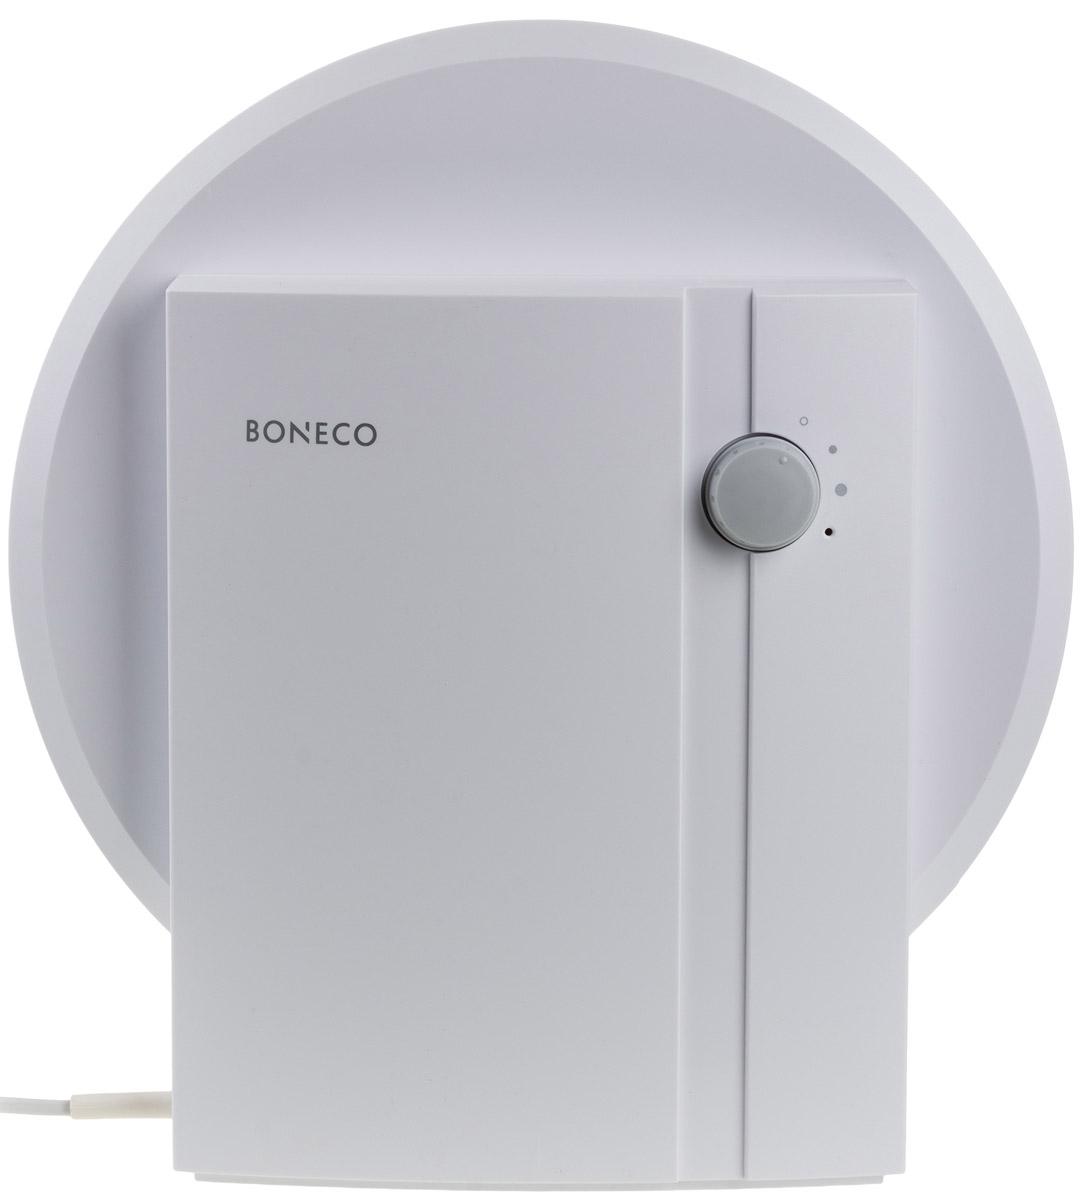 Boneco W1355A мойка воздухаНС-1032821Мойка воздуха Boneco W1355A — эффективный прибор для увлажнения и очистки воздуха в жилых и офисных помещениях. Boneco W1355A отличается от своих «коллег» по товарной категории достаточно скромным функционалом. Однако это никак не отражается на эффективности работы серии W1355A. Увлажнение и очистка воздуха в приборе Boneco W1355A осуществляется без использования сменных фильтров, поскольку роль сменных фильтров выполняет вода. Прибор может работать в двух режимах: более и менее интенсивный («ночной» режим). Boneco W1355A демонстрирует высокую эффективность при крайне низком энергопотреблении. Увлажнение и очистка воздуха осуществляется без использования химикатов.